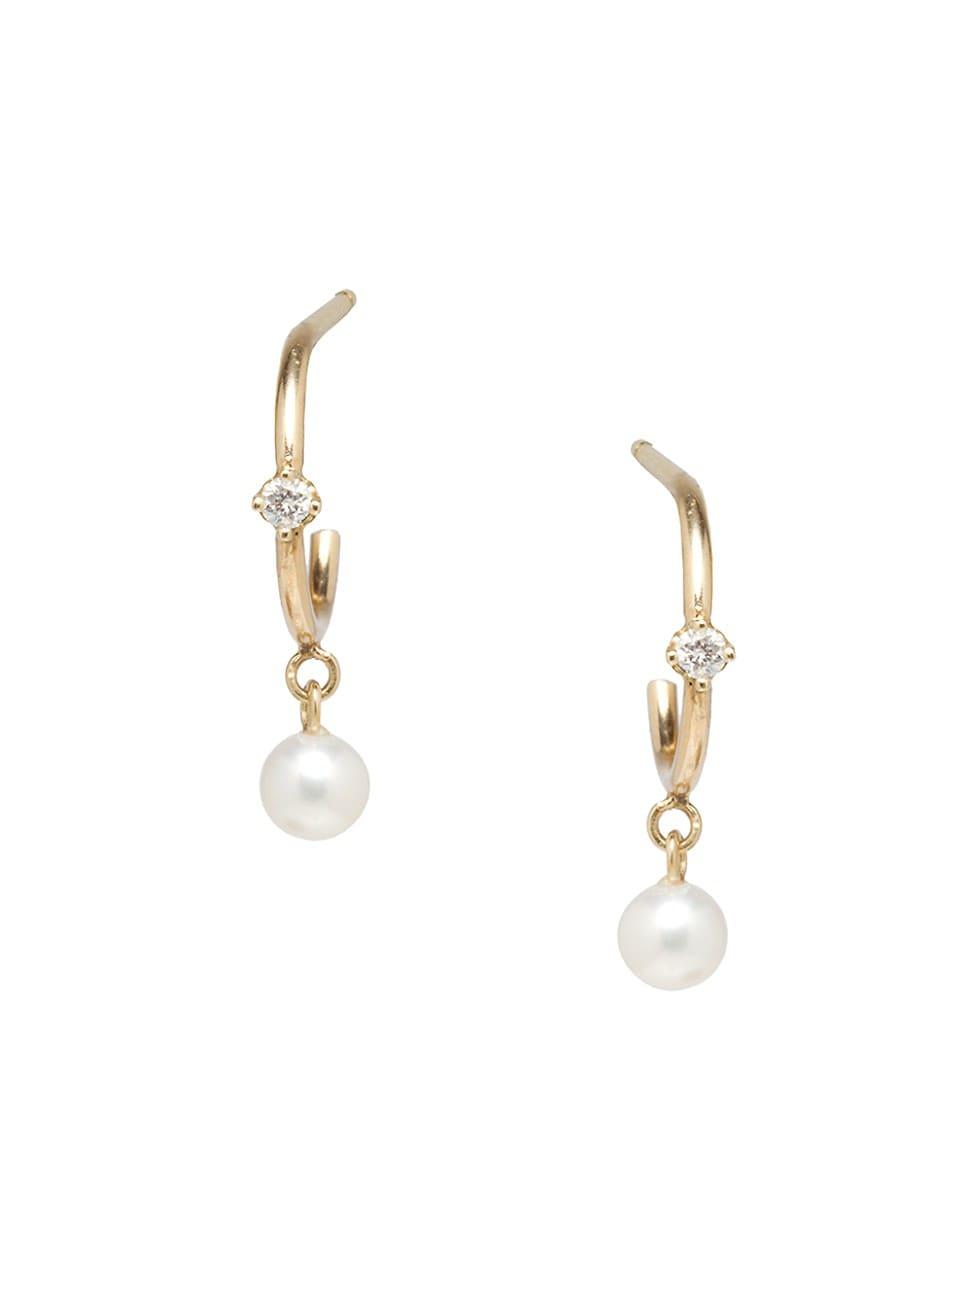 Zoë Chicco Women's 14k Yellow Gold, 2mm Pearl & Diamond Huggie Earrings